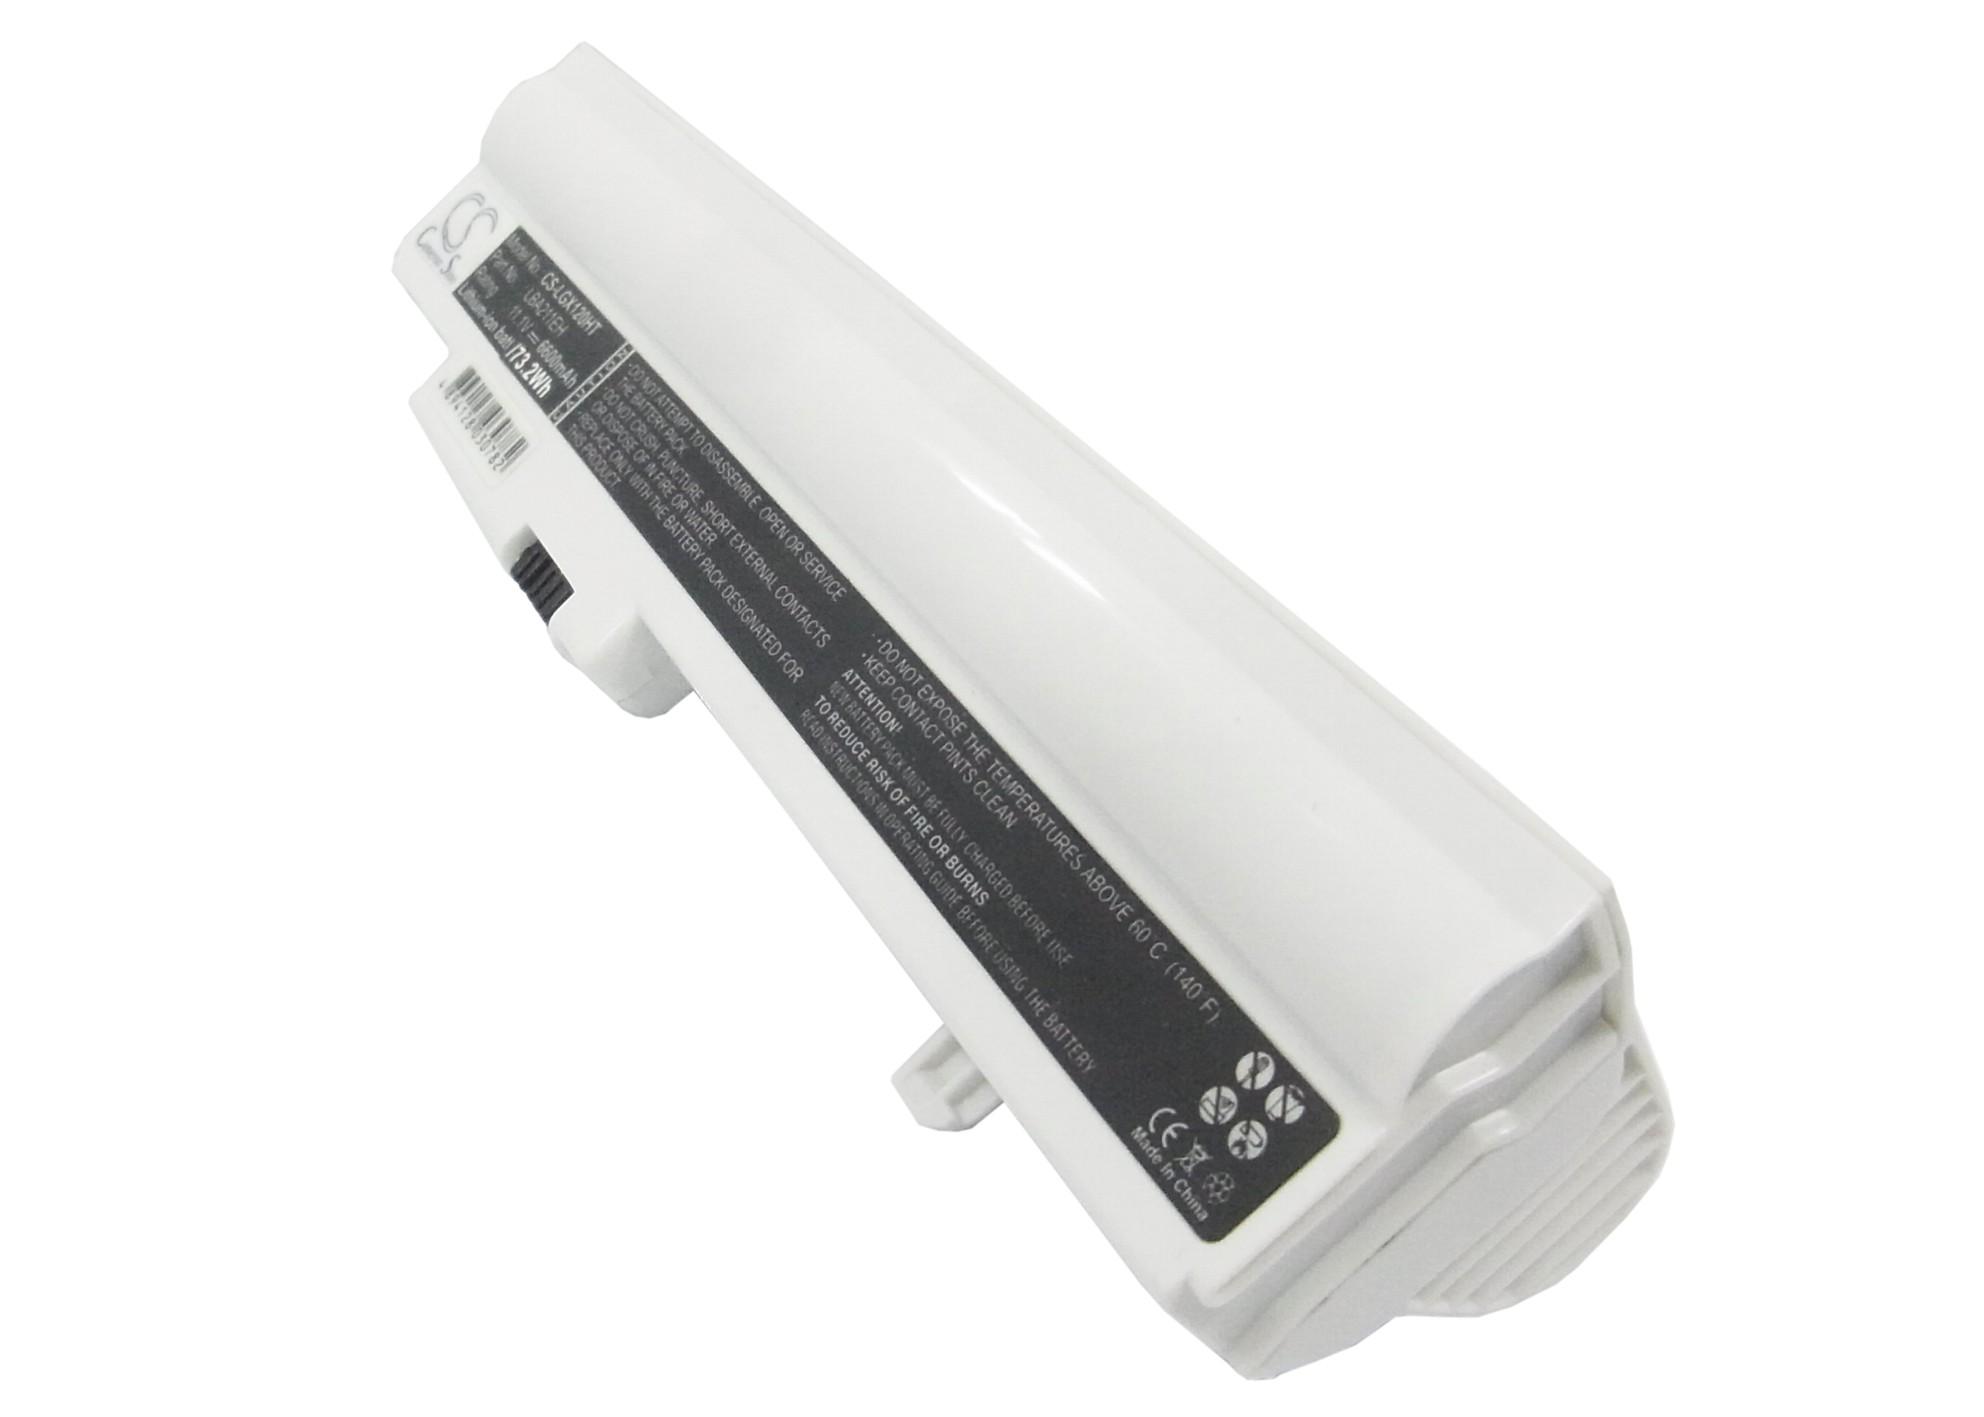 Cameron Sino baterie do netbooků pro LG X120 11.1V Li-ion 6600mAh bílá - neoriginální